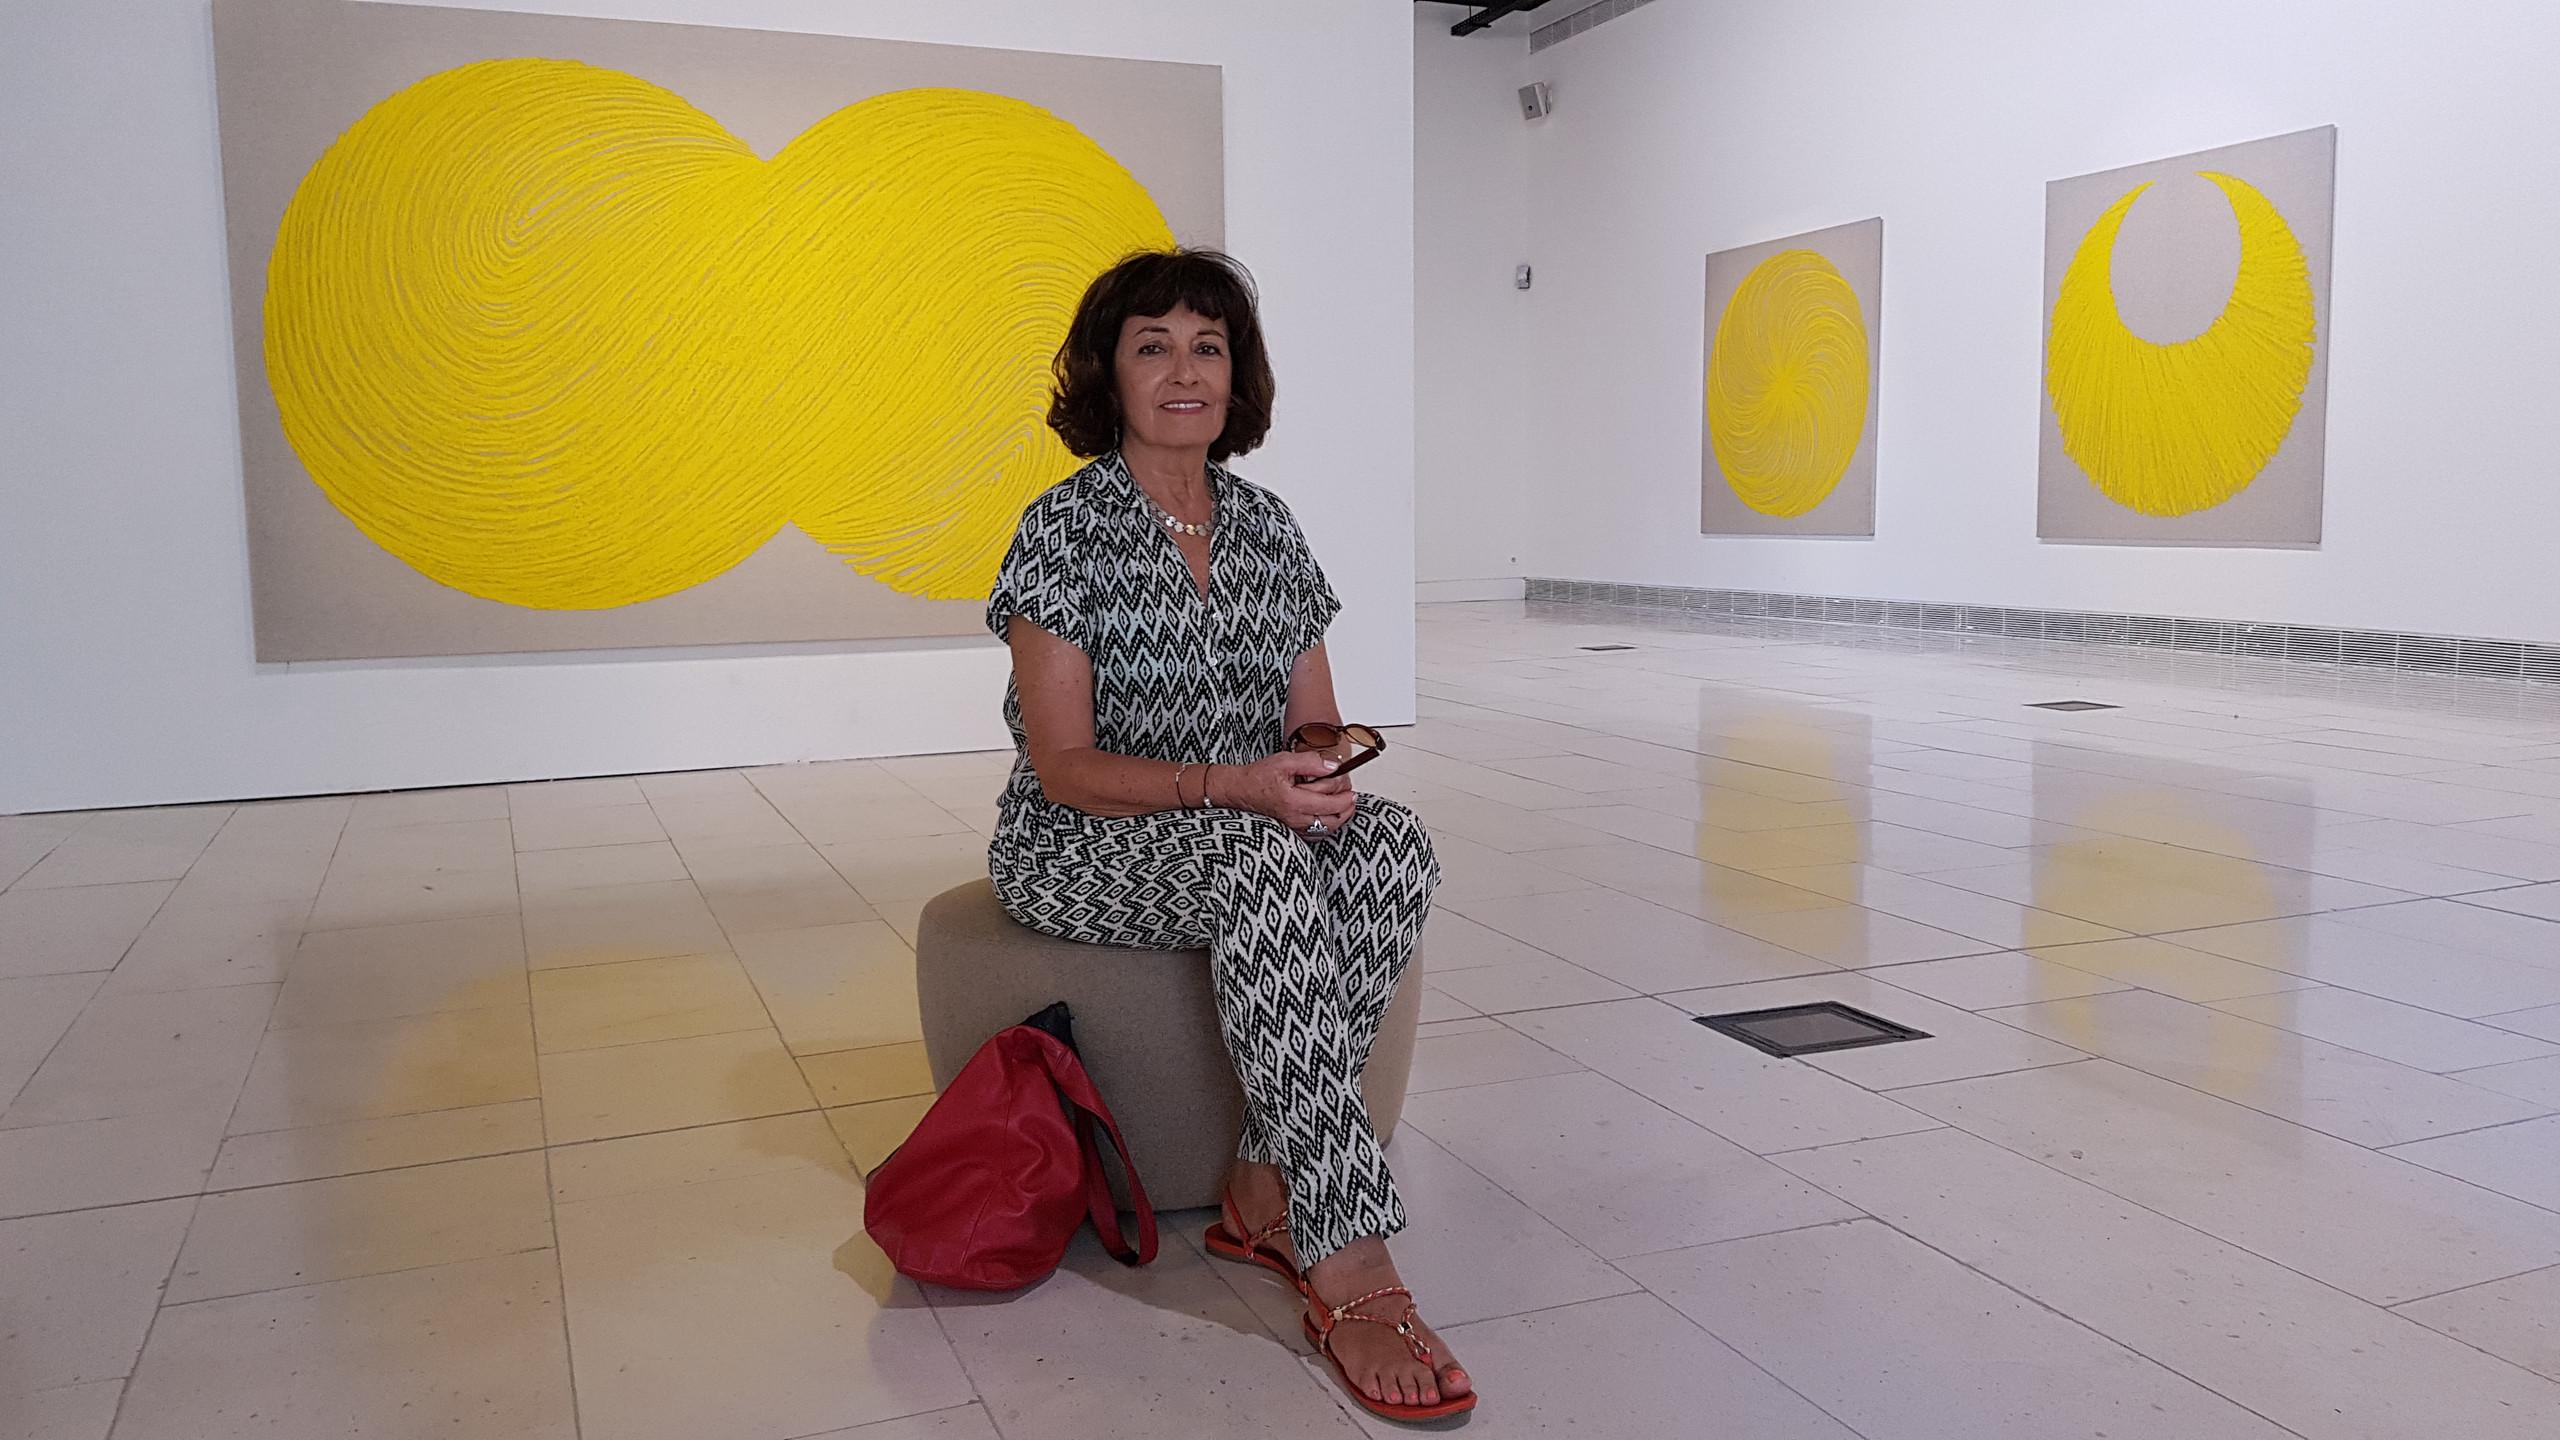 Najia Mehadji dans une salle du musée